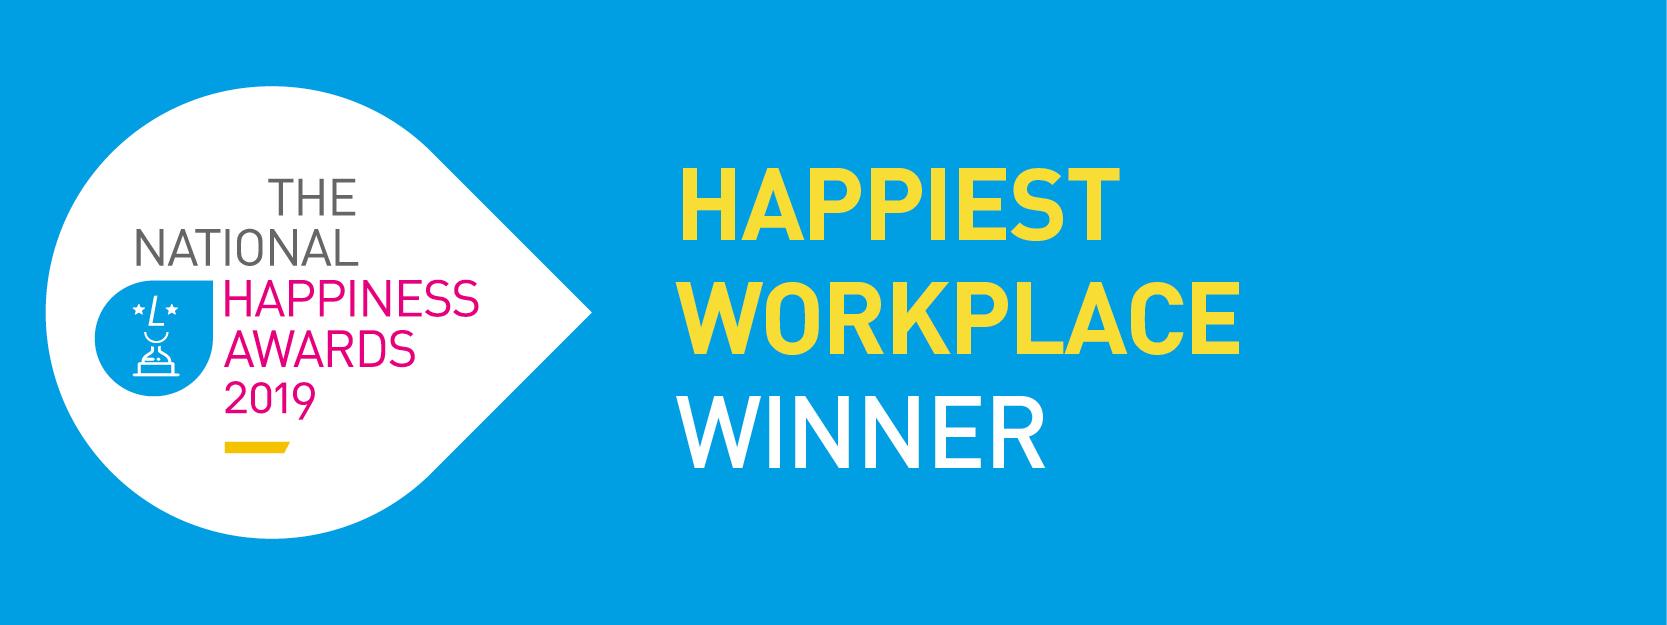 Happiest Workplace Award 2019 Logo